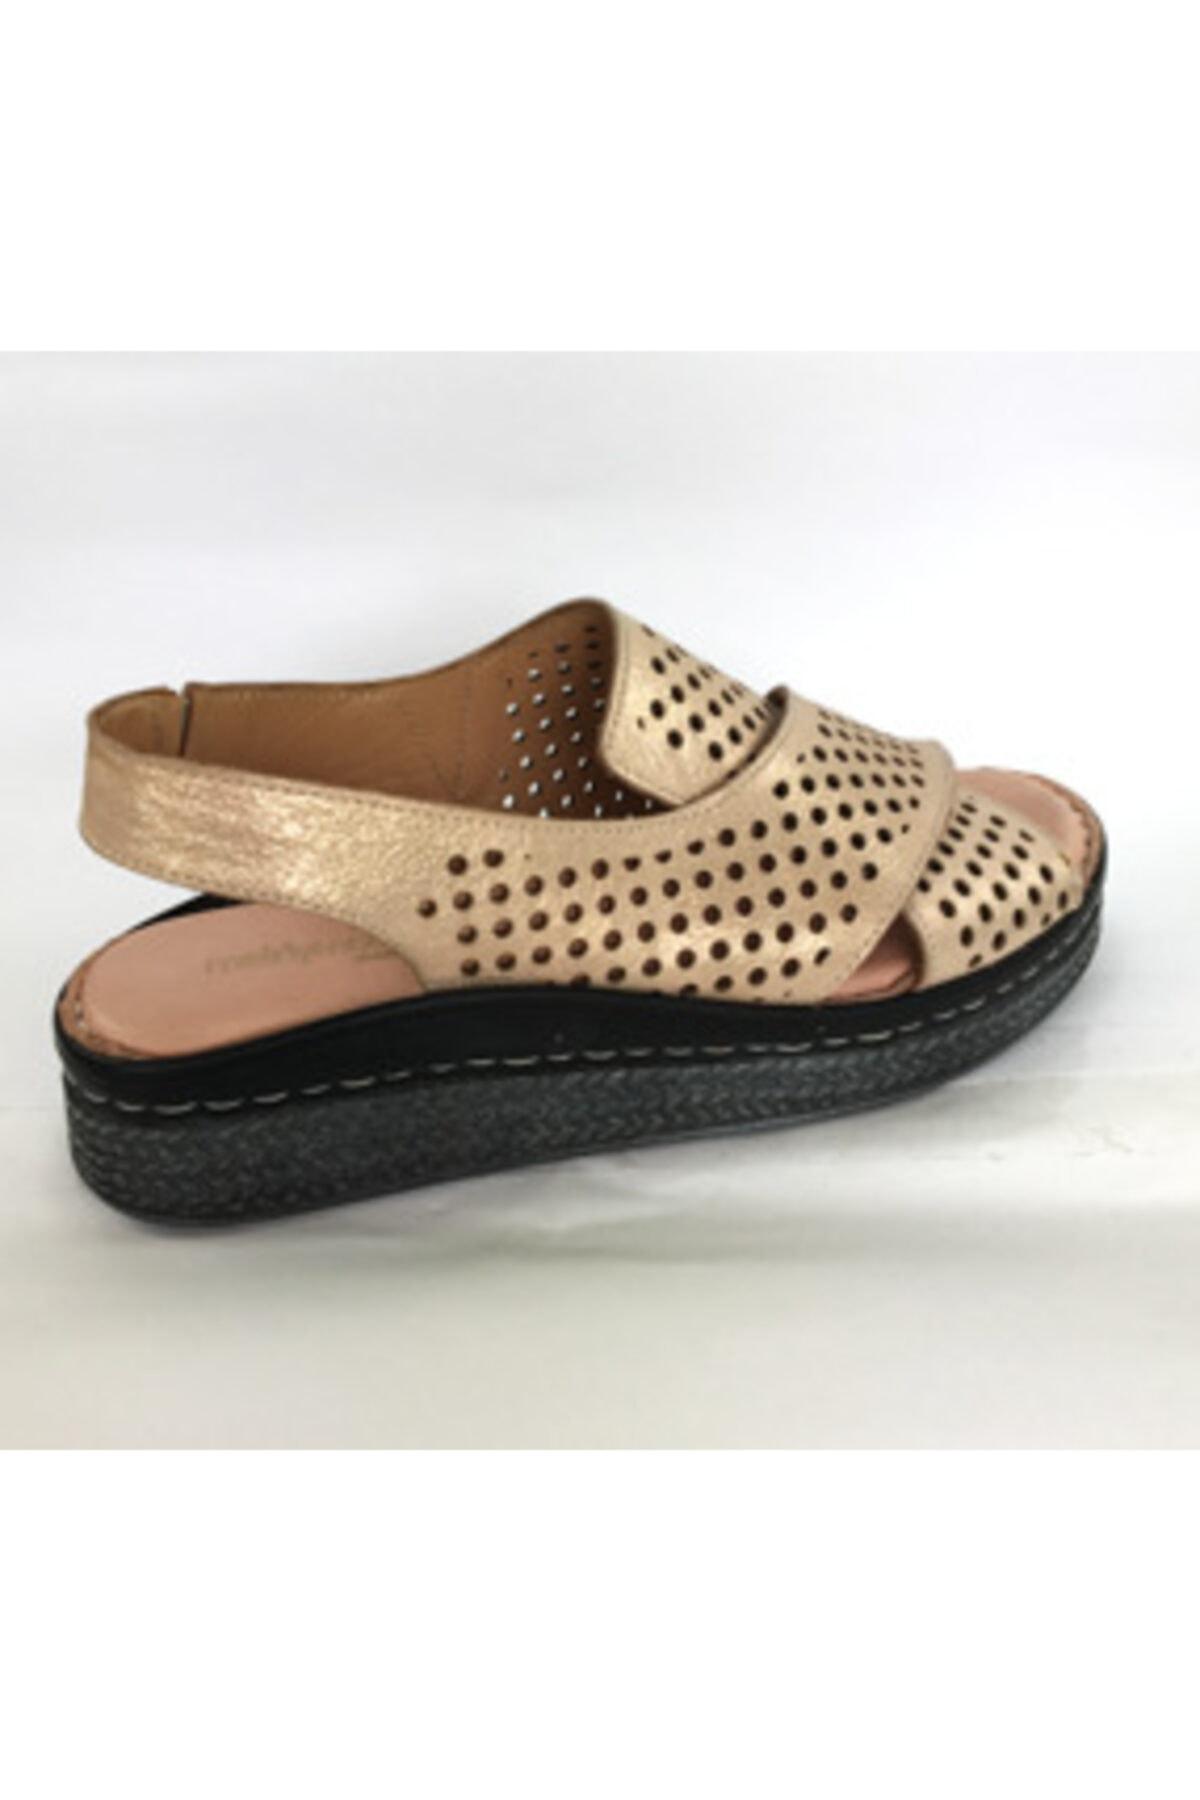 Maje Kadın Pudra Hakiki Deri Ortopedik Comfort Sandalet 2